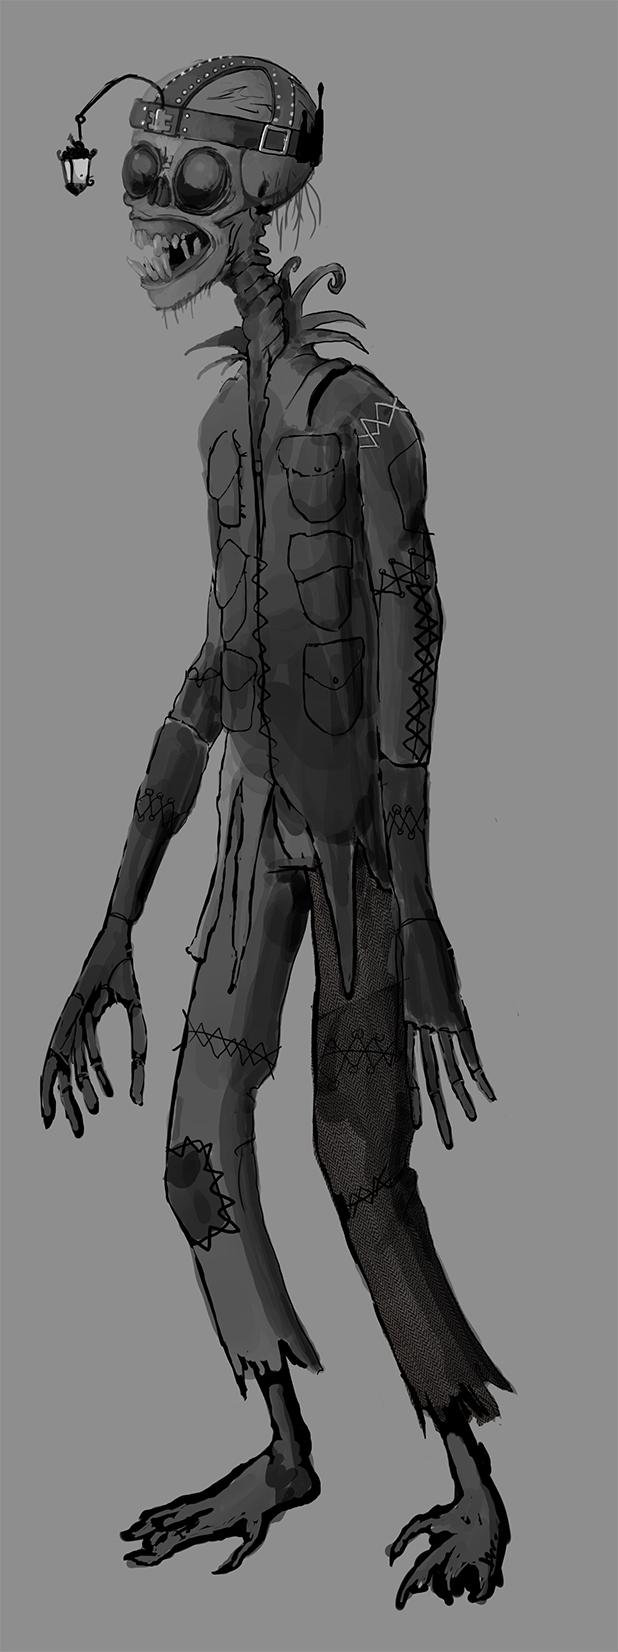 ToyThief_Concept_03.jpg